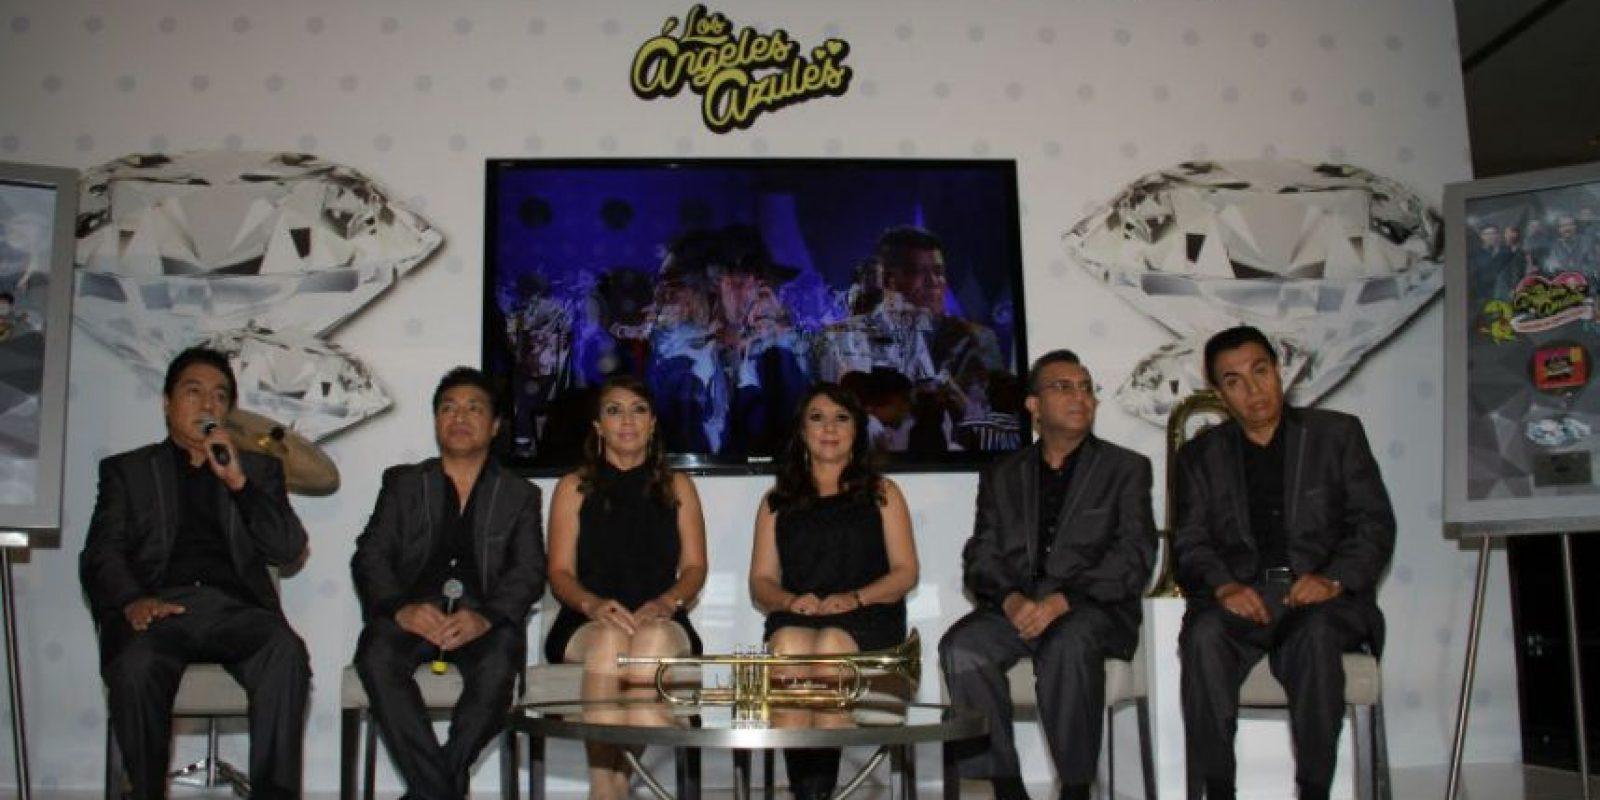 Lograron vender más de 600 mil copias de su producción musical por lo que ganaron el doble disco de Diamante. Foto:Cuartoscuro